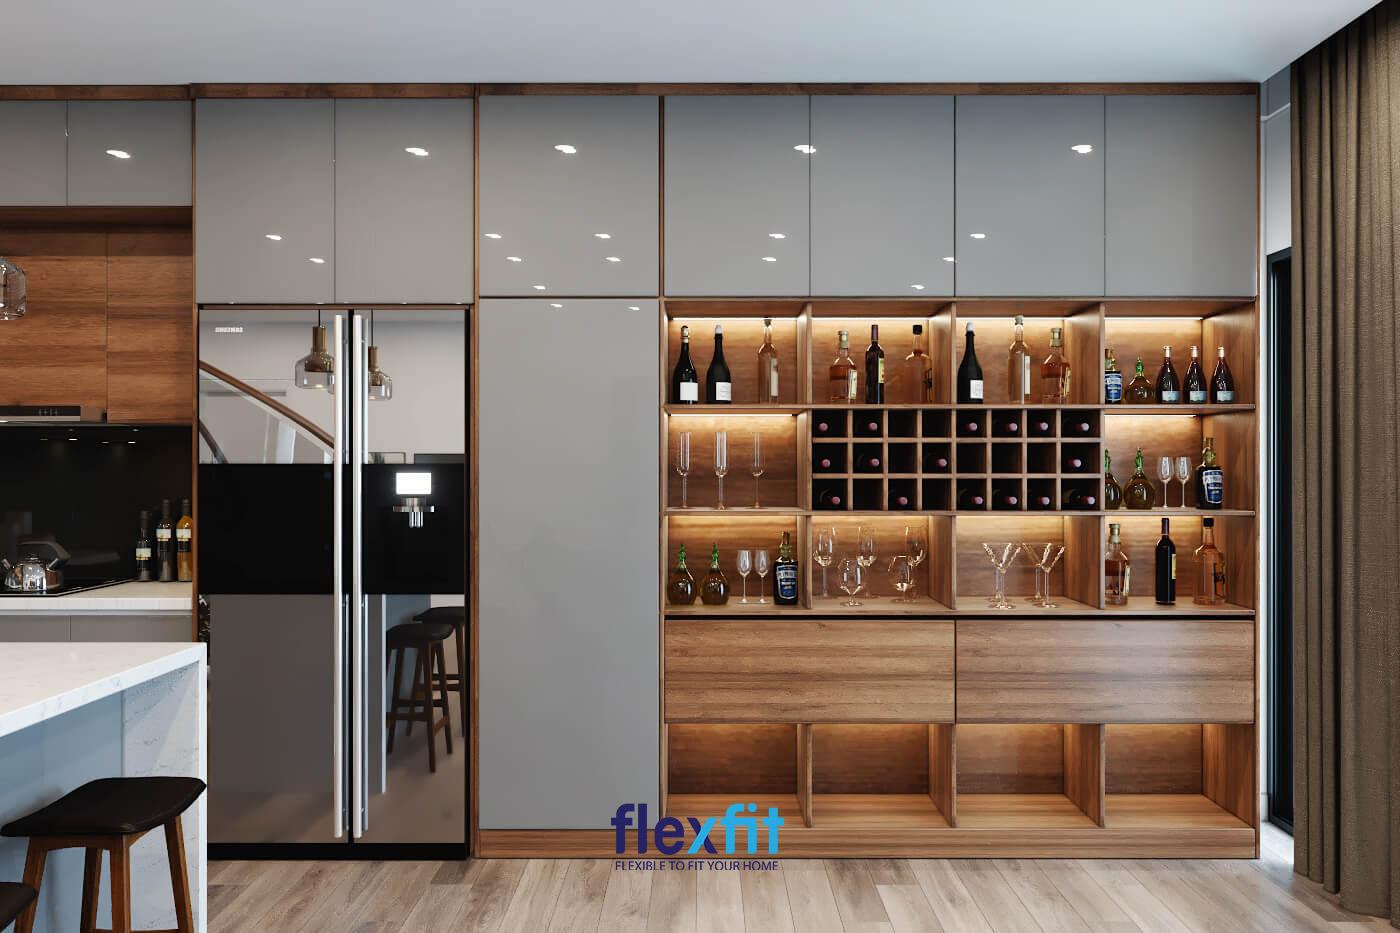 Góc bếp sang trọng với nội thất gỗ và kim loại được kết hợp khéo léo dành cho chủ nhà mệnh Kim.